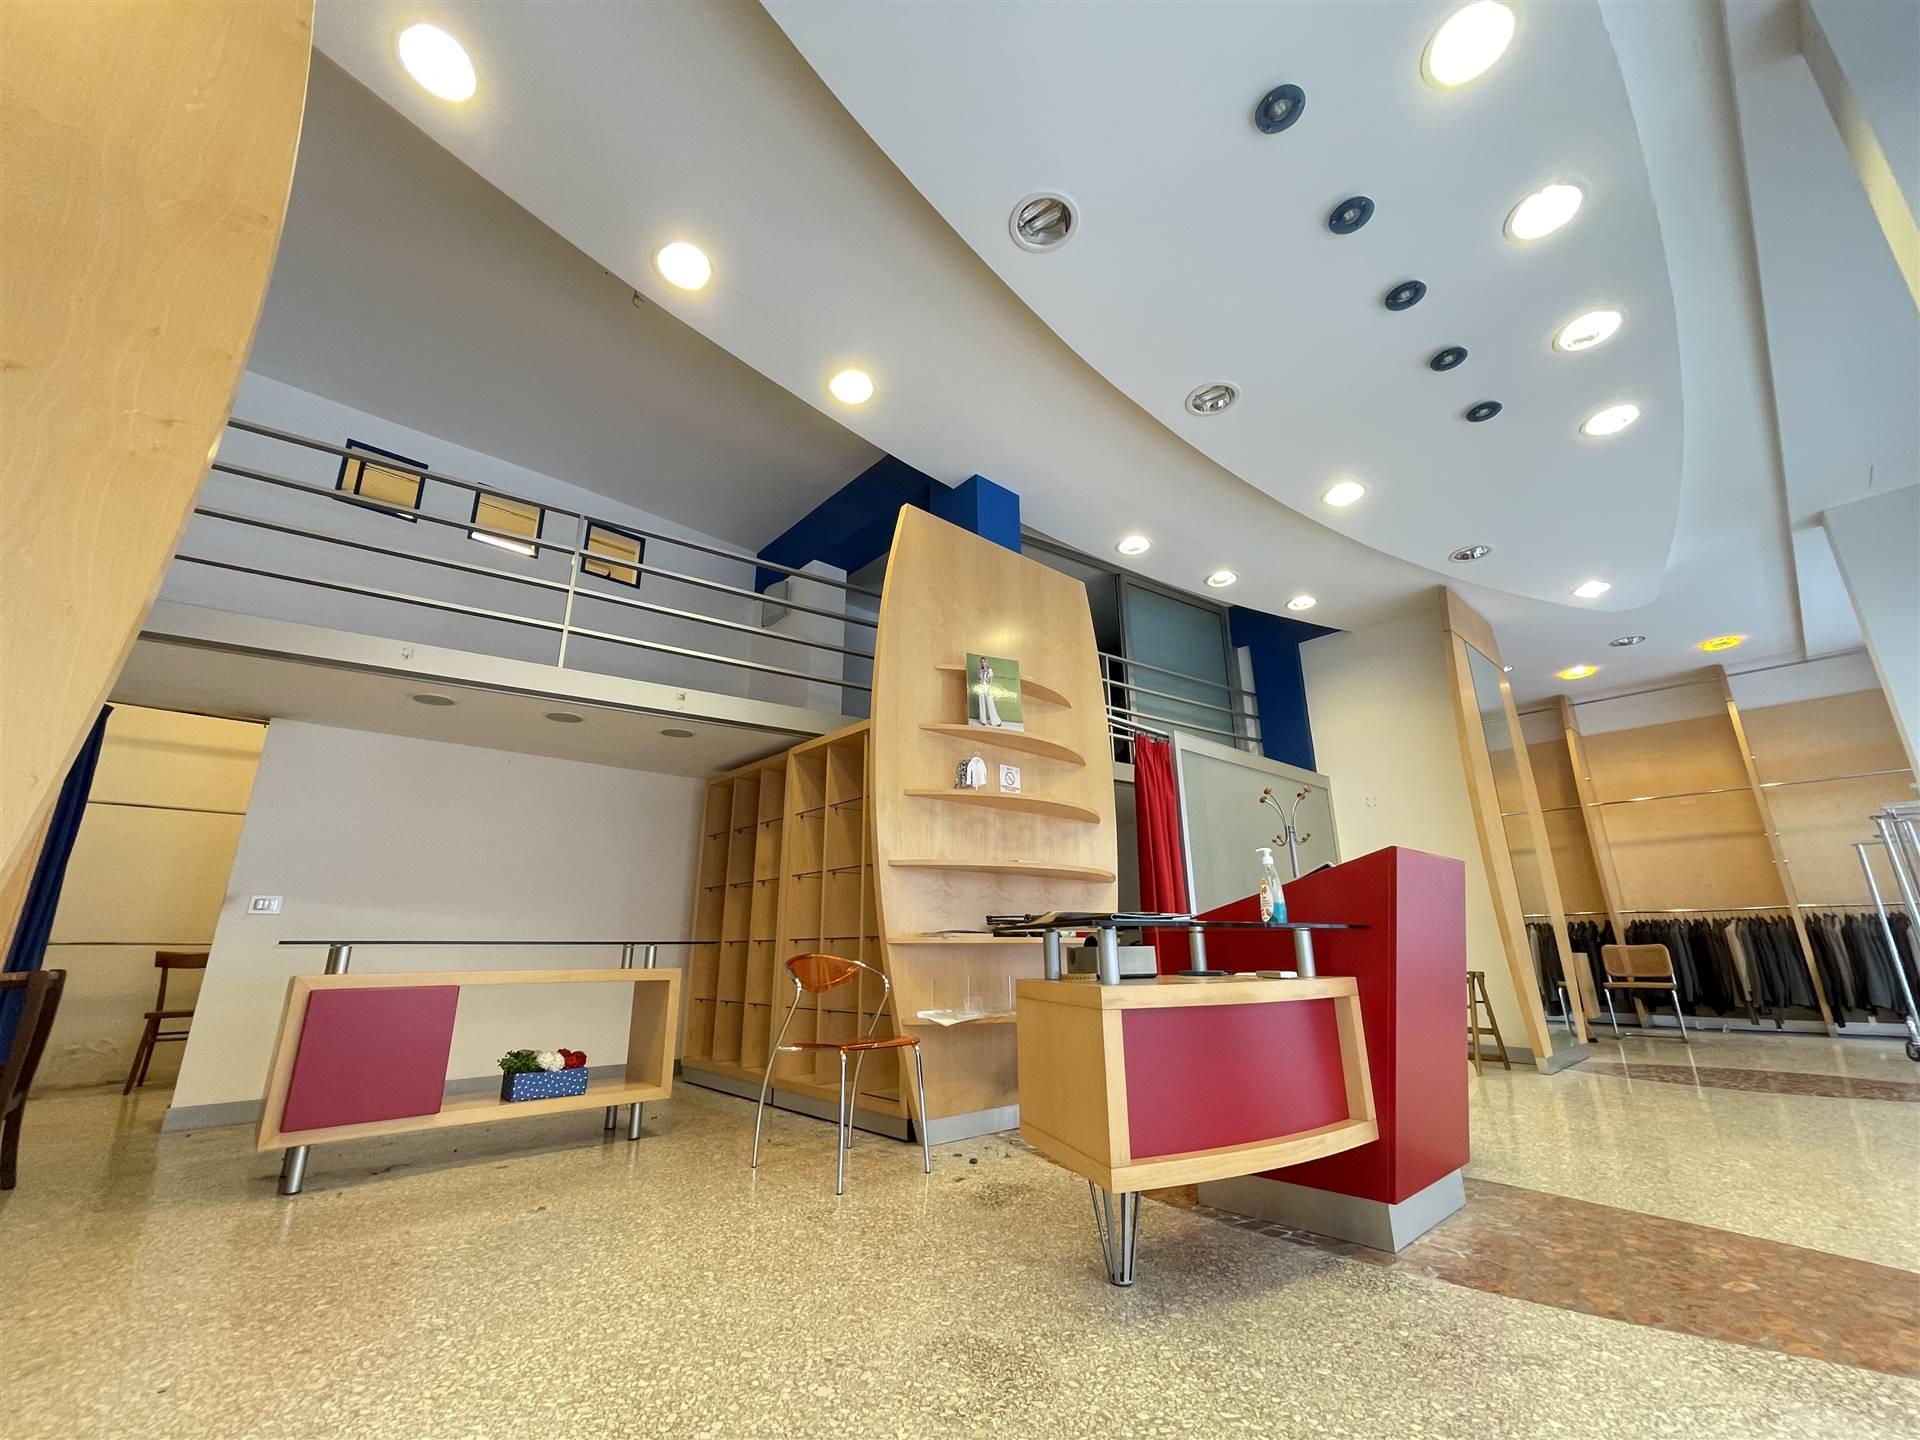 MAZZINI, LECCE, Gewerbelokal zu verkaufen von 153 Qm, Beste ausstattung, Heizung Unabhaengig, Energie-klasse: G, Epi: 324,1 kwh/m3 jahr, am boden